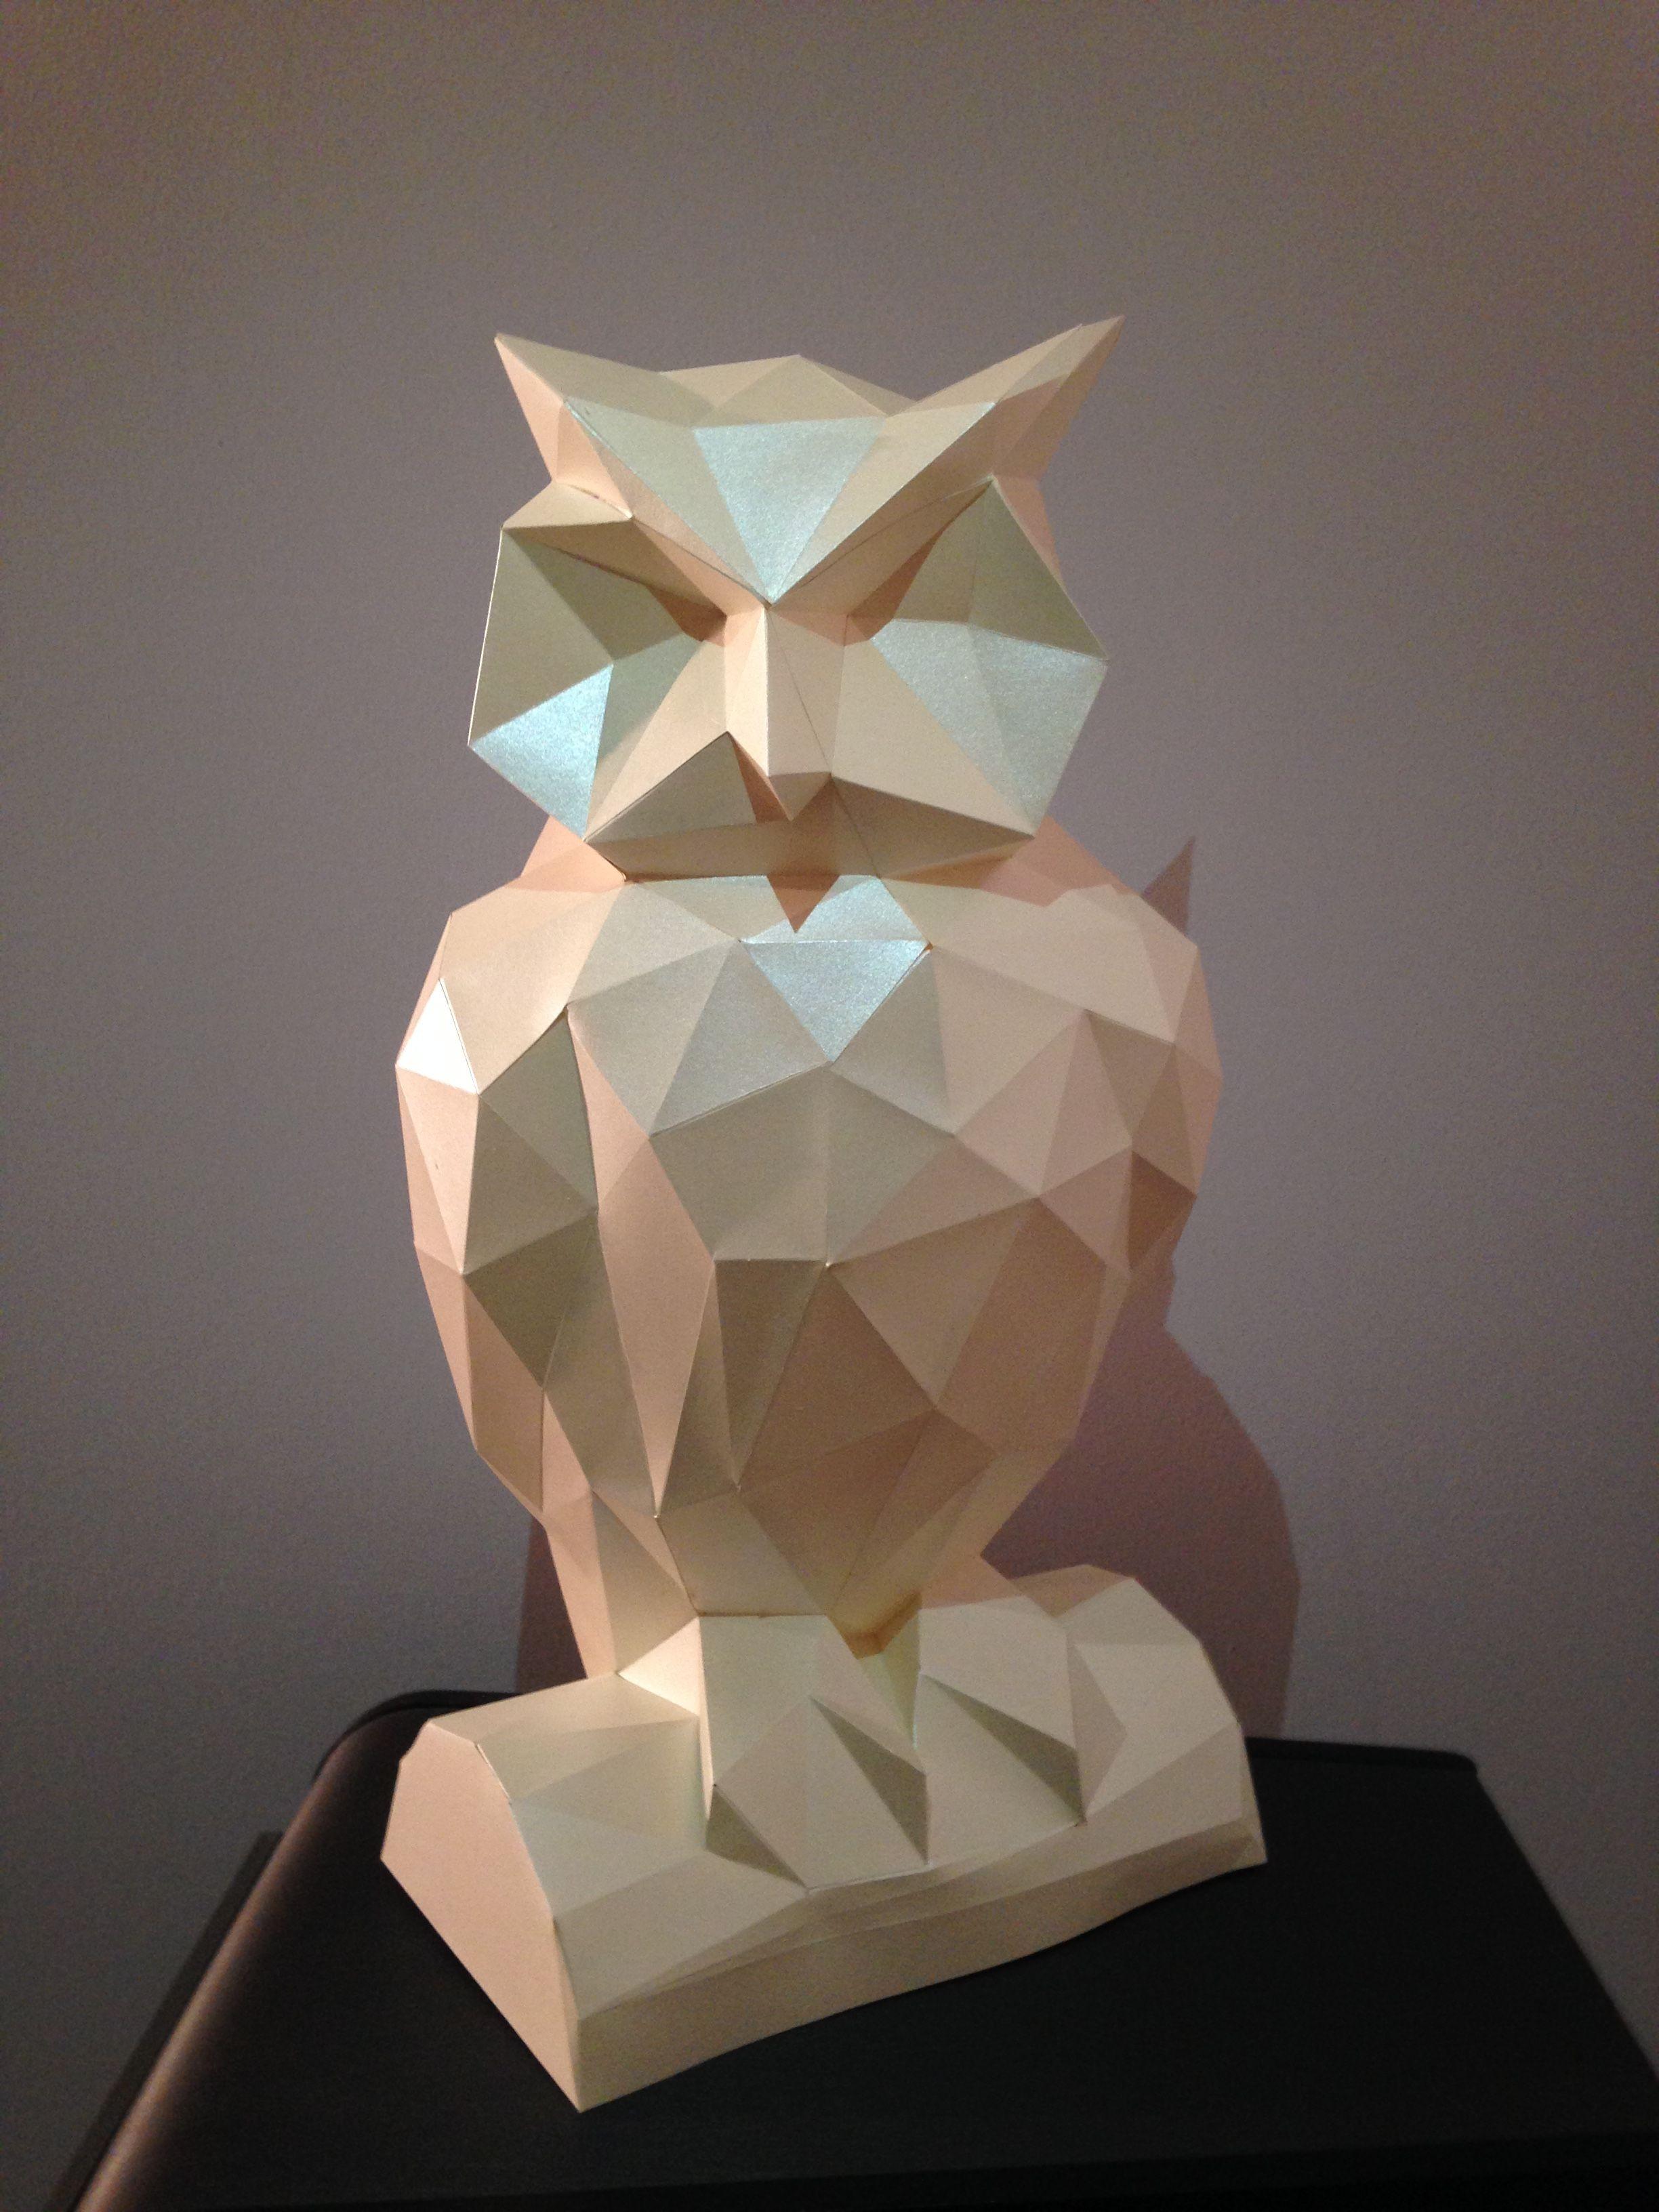 Papercraft Owl Lespapiersenchantes Owl origami Papercraft